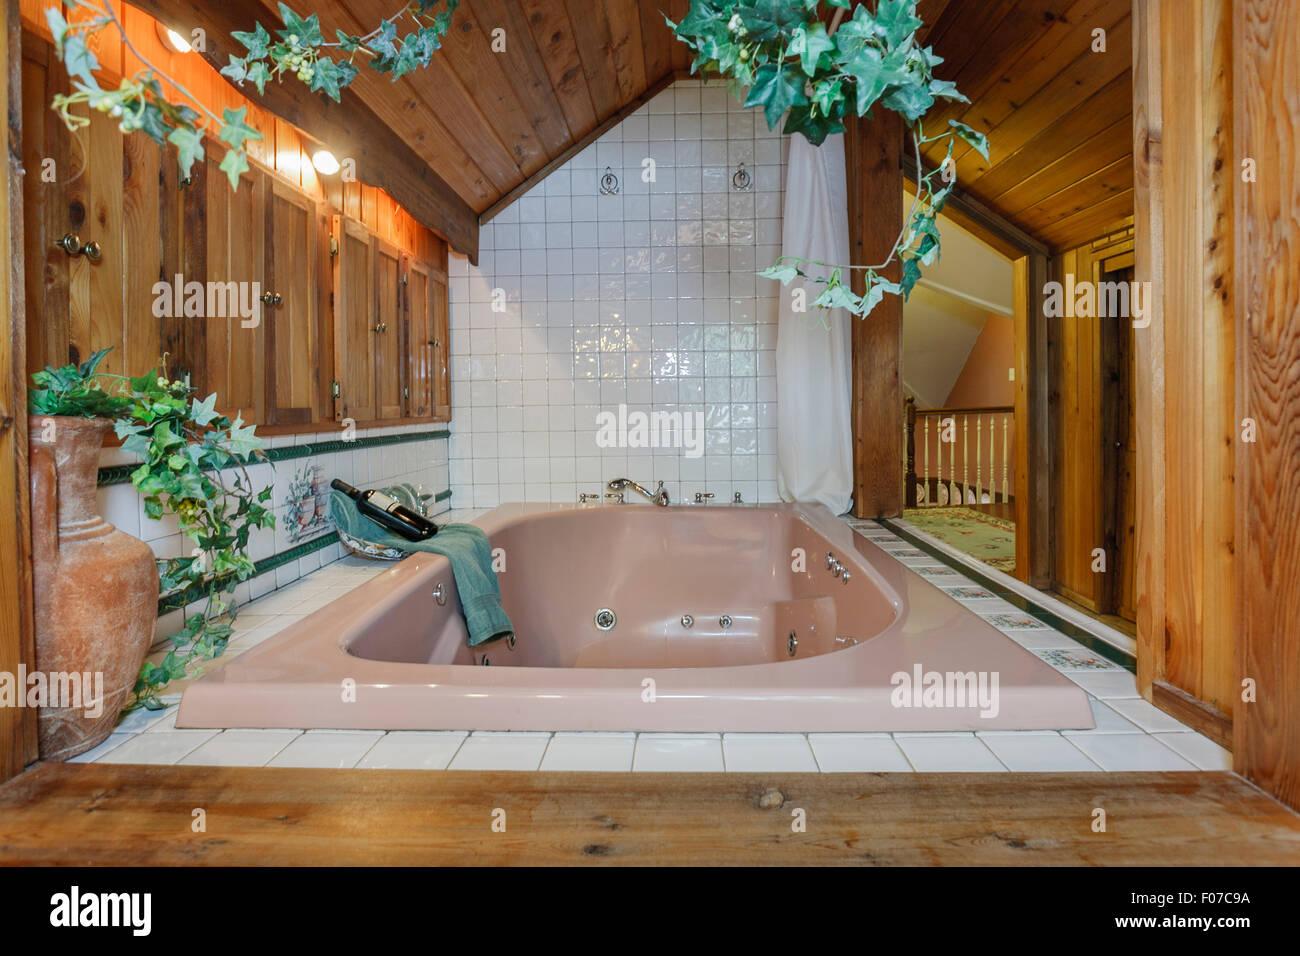 Rivestite di pannelli in legno bagno circa un bagno con